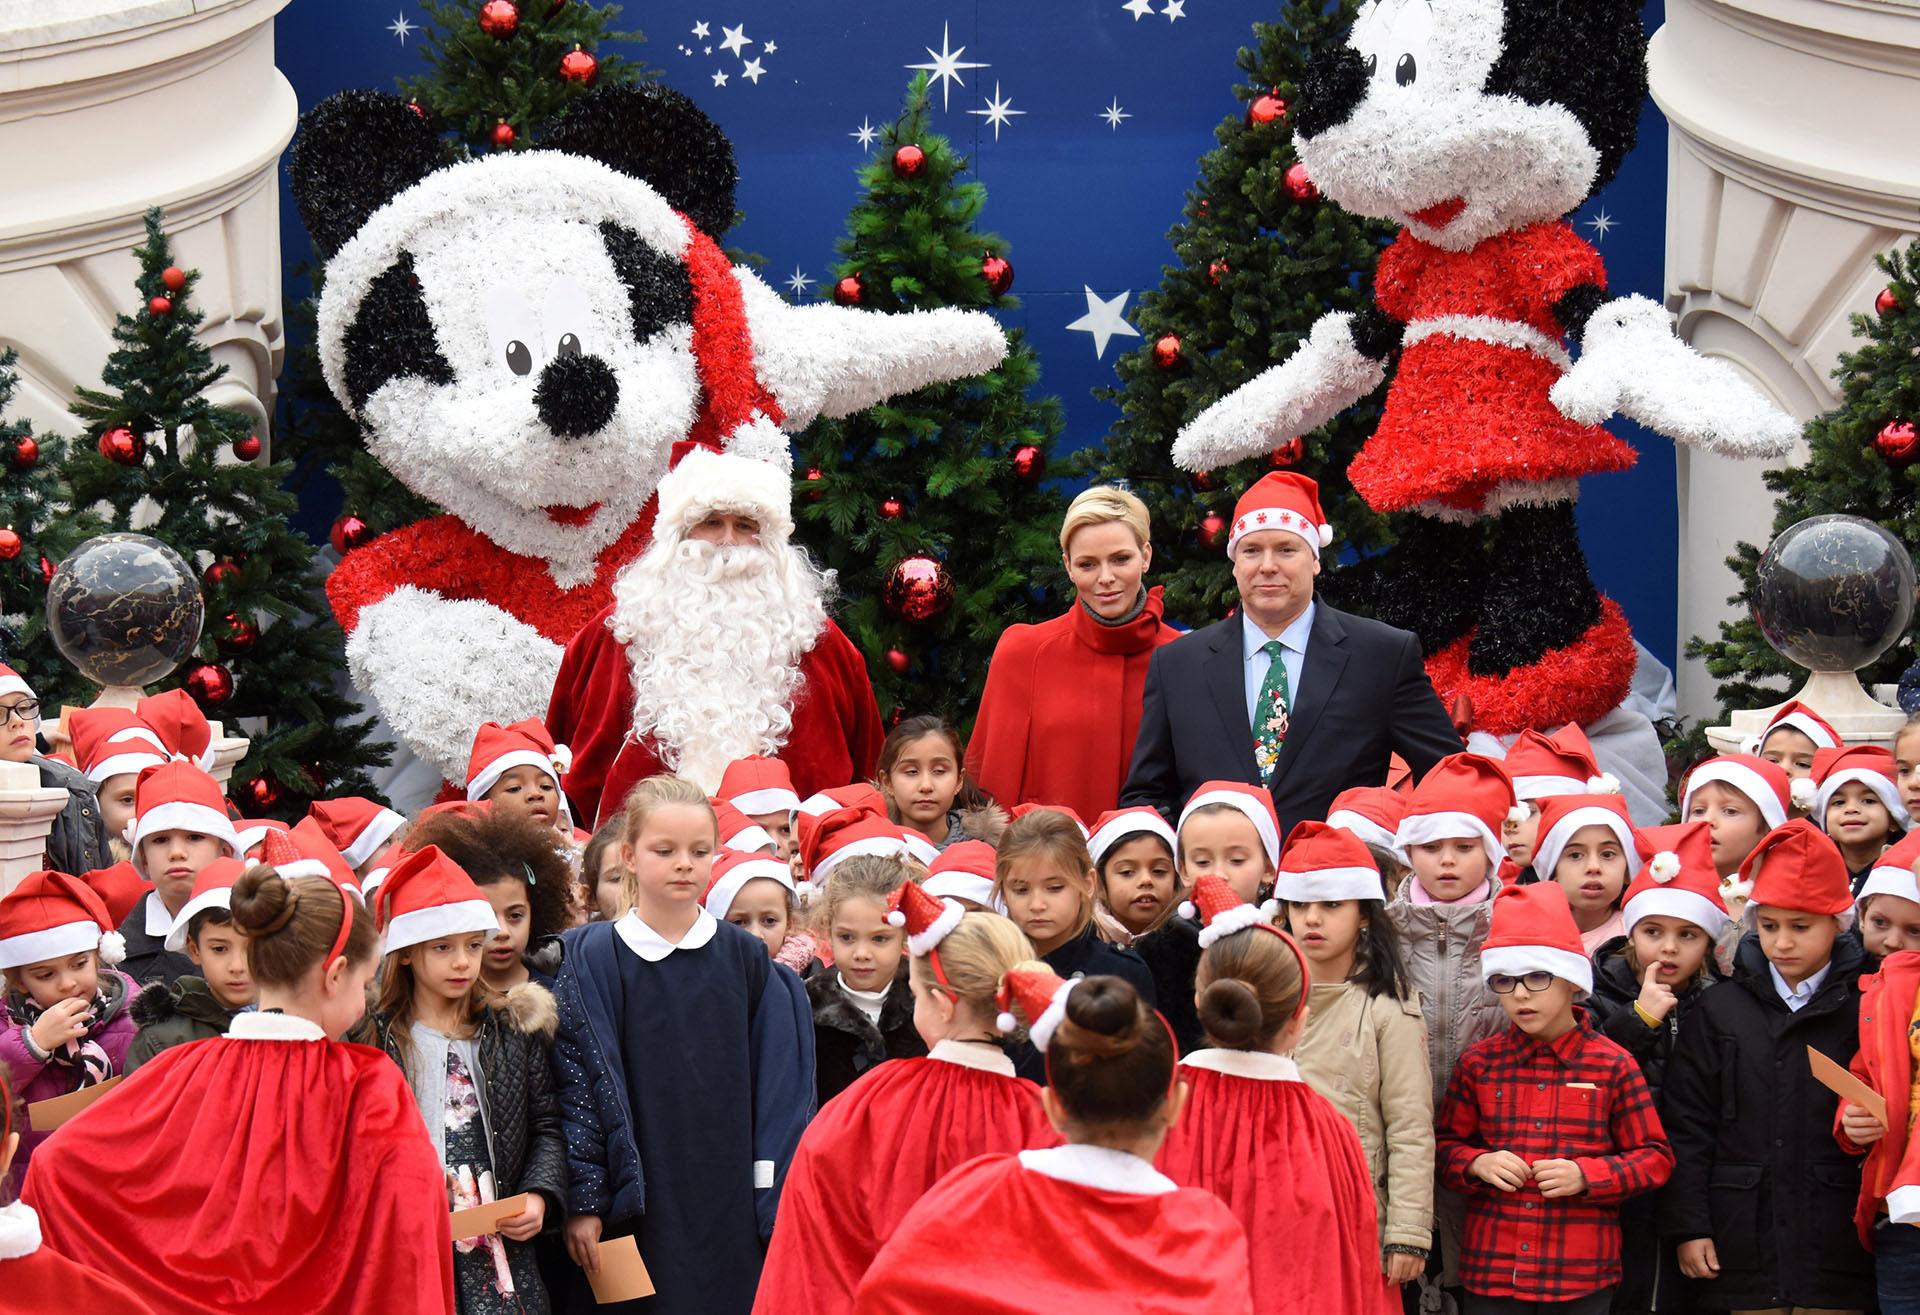 El Príncipe Alberto II de Mónaco y su esposa la Princesa Charlene asisten a la tradicional ceremonia del árbol de Navidad en el Palacio de Mónaco como parte de la temporada navideña en Mónaco, el 20 de diciembre de 2017. (Reuters)